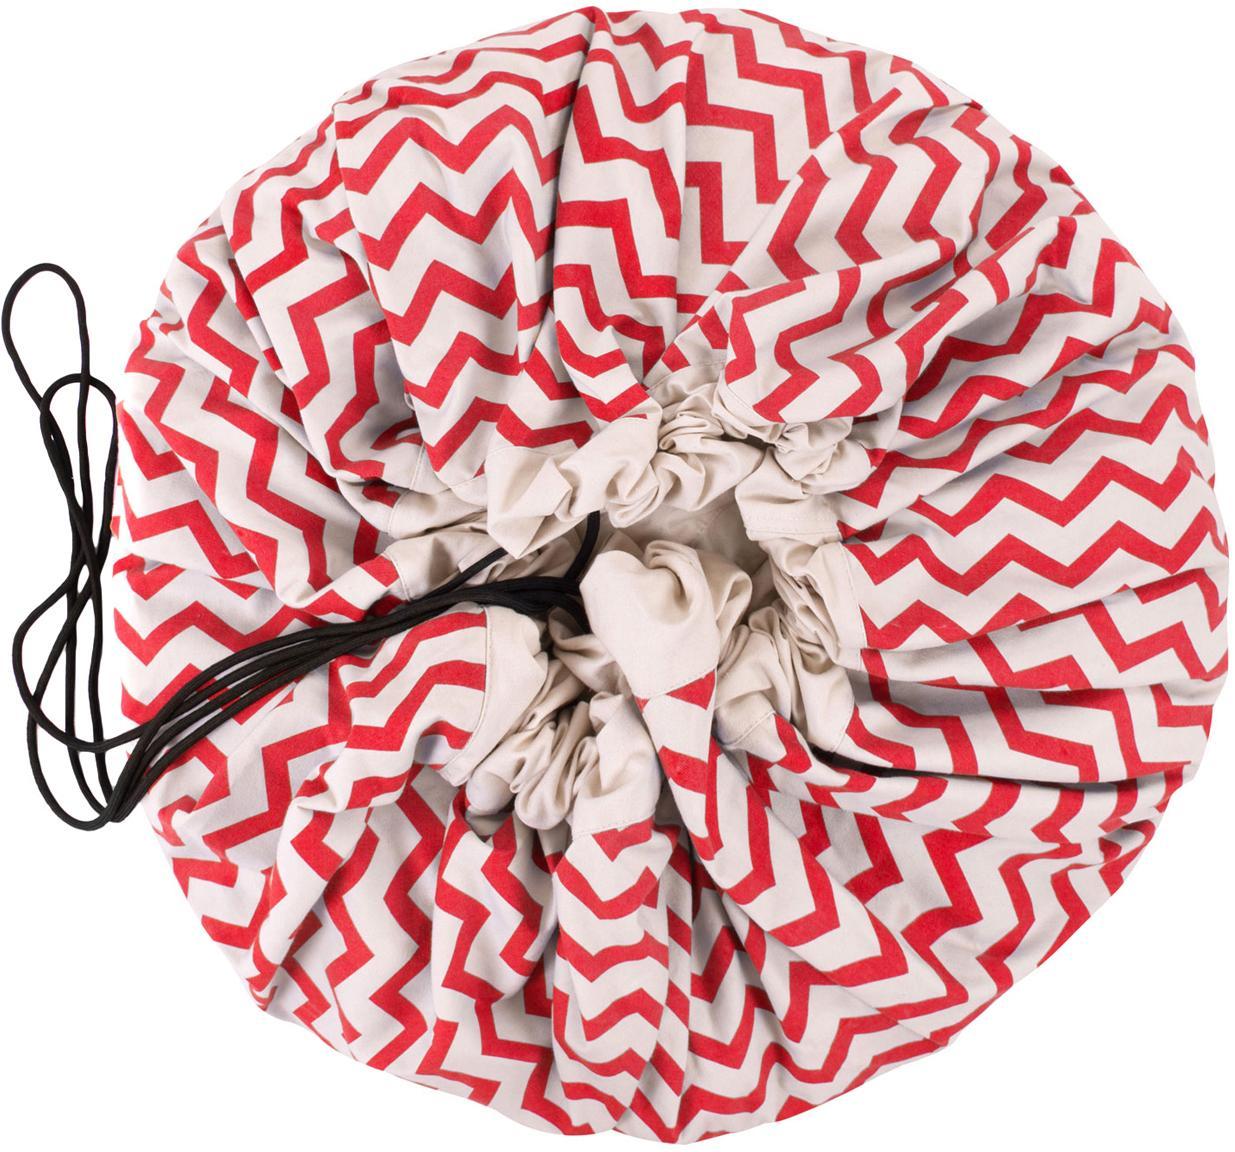 Koc do zabawy Zigzag, Poliester, Czerwony, biały, Ø 140 cm